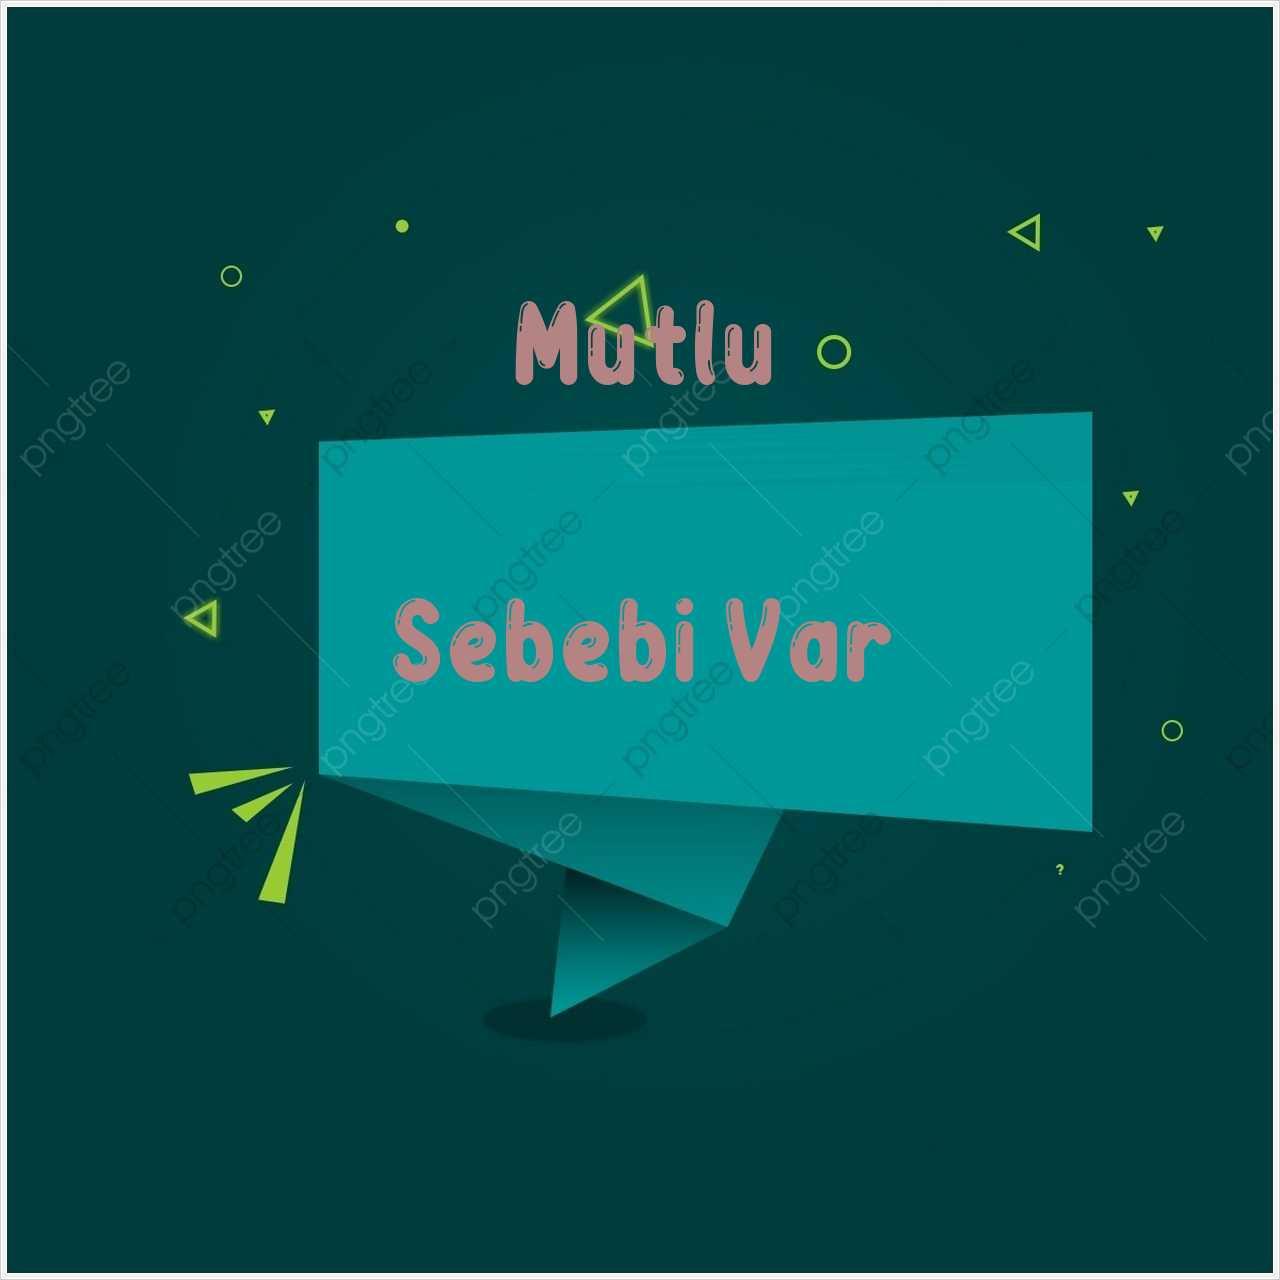 دانلود آهنگ جدید Mutlu به نام Sebebi Var